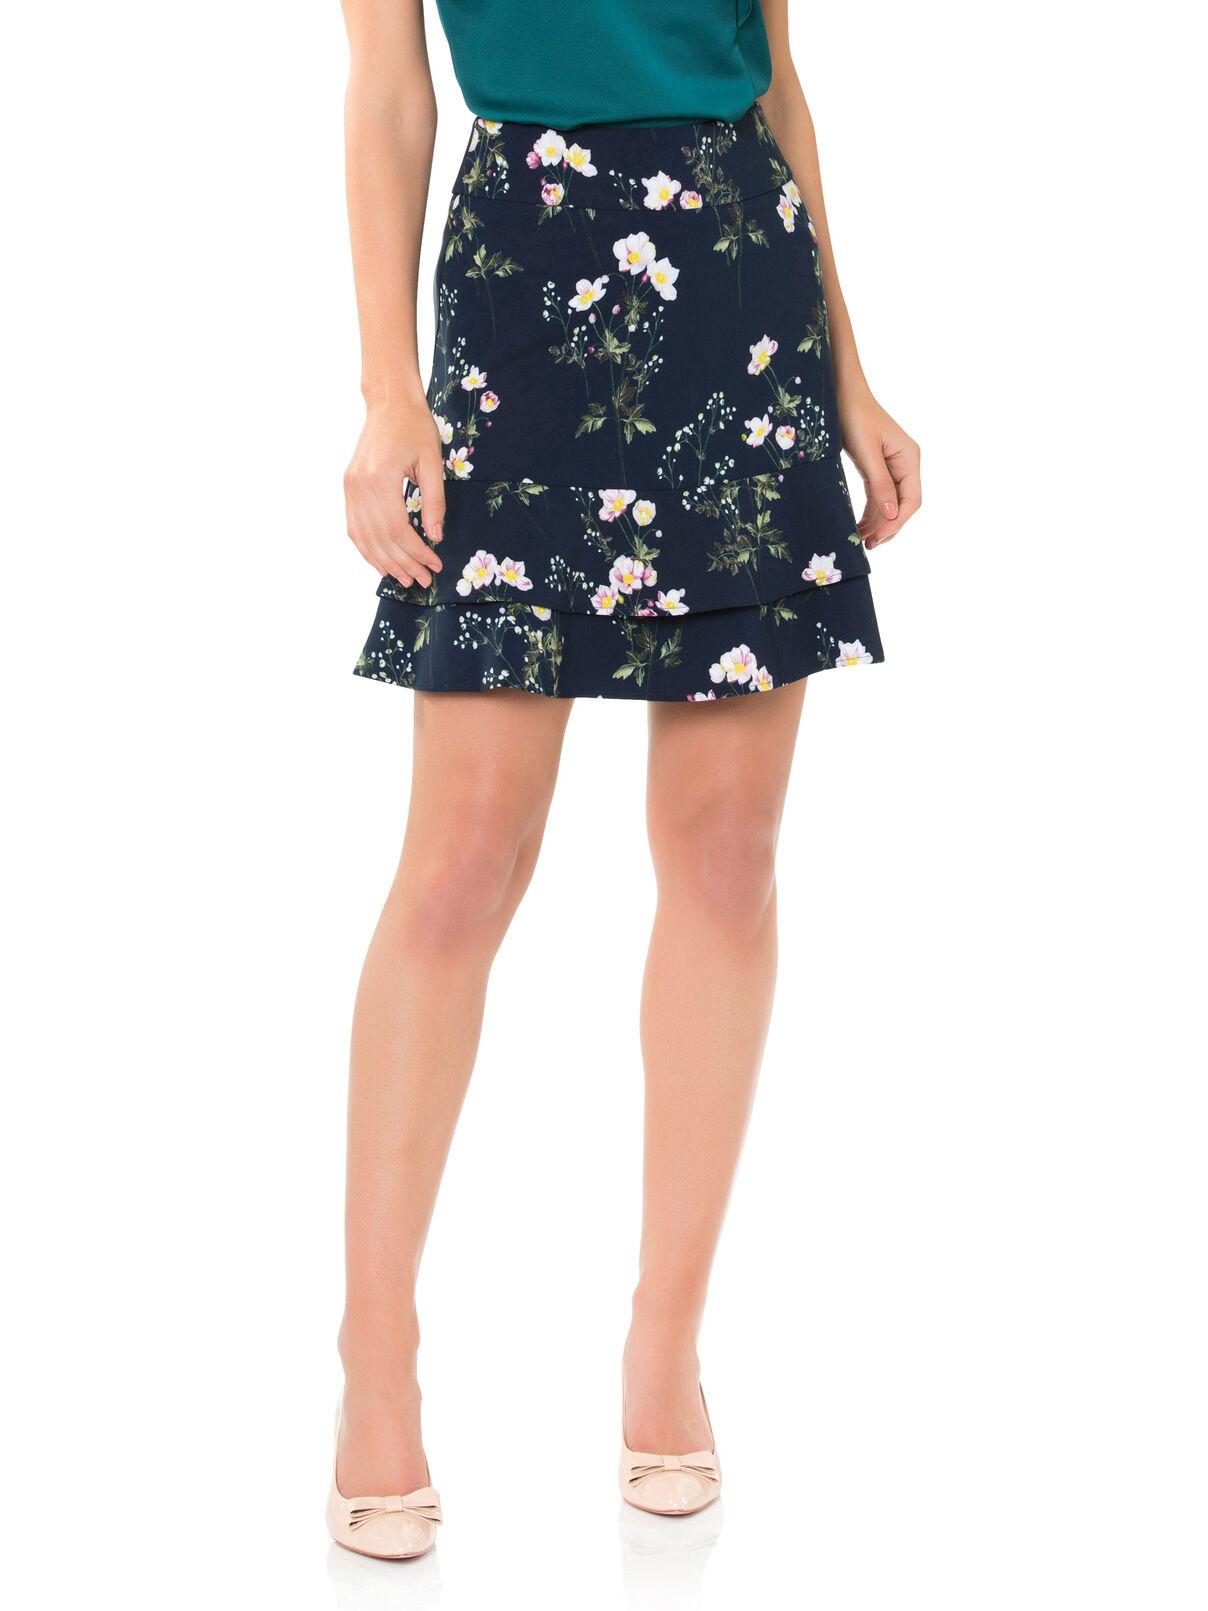 Oh My Daisy Skirt | Tuggl